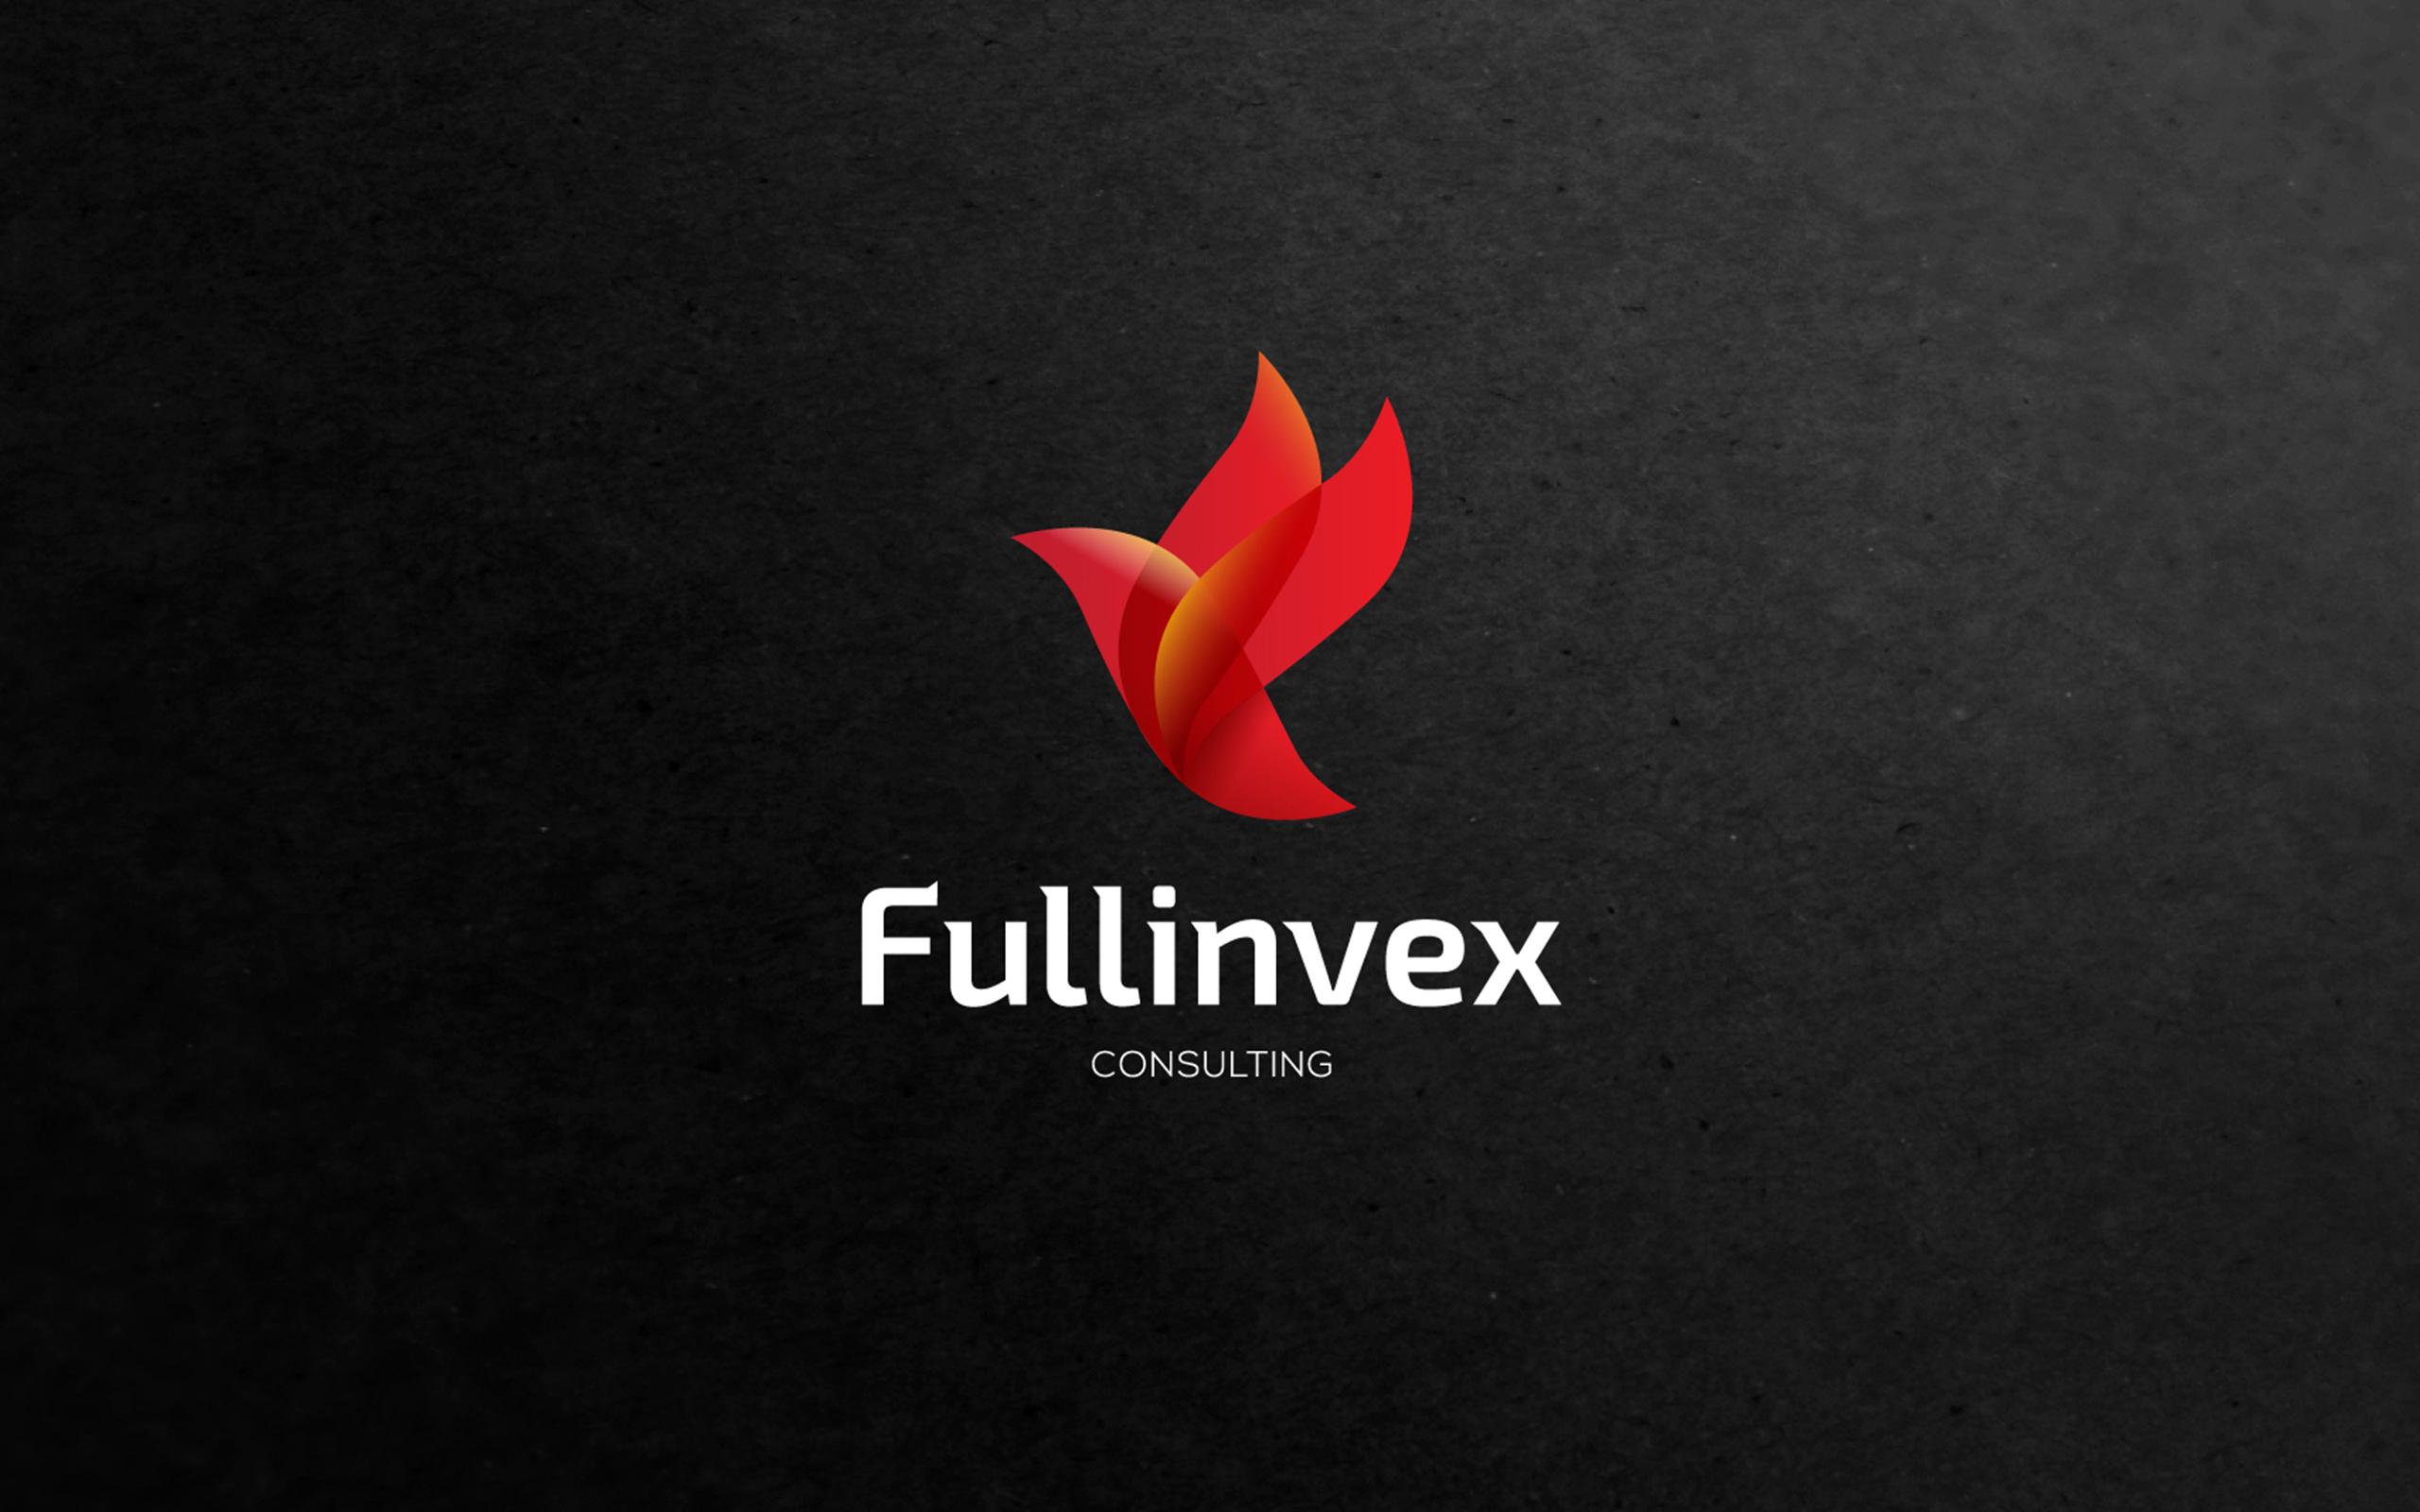 L_smash_FULLINVEX_1